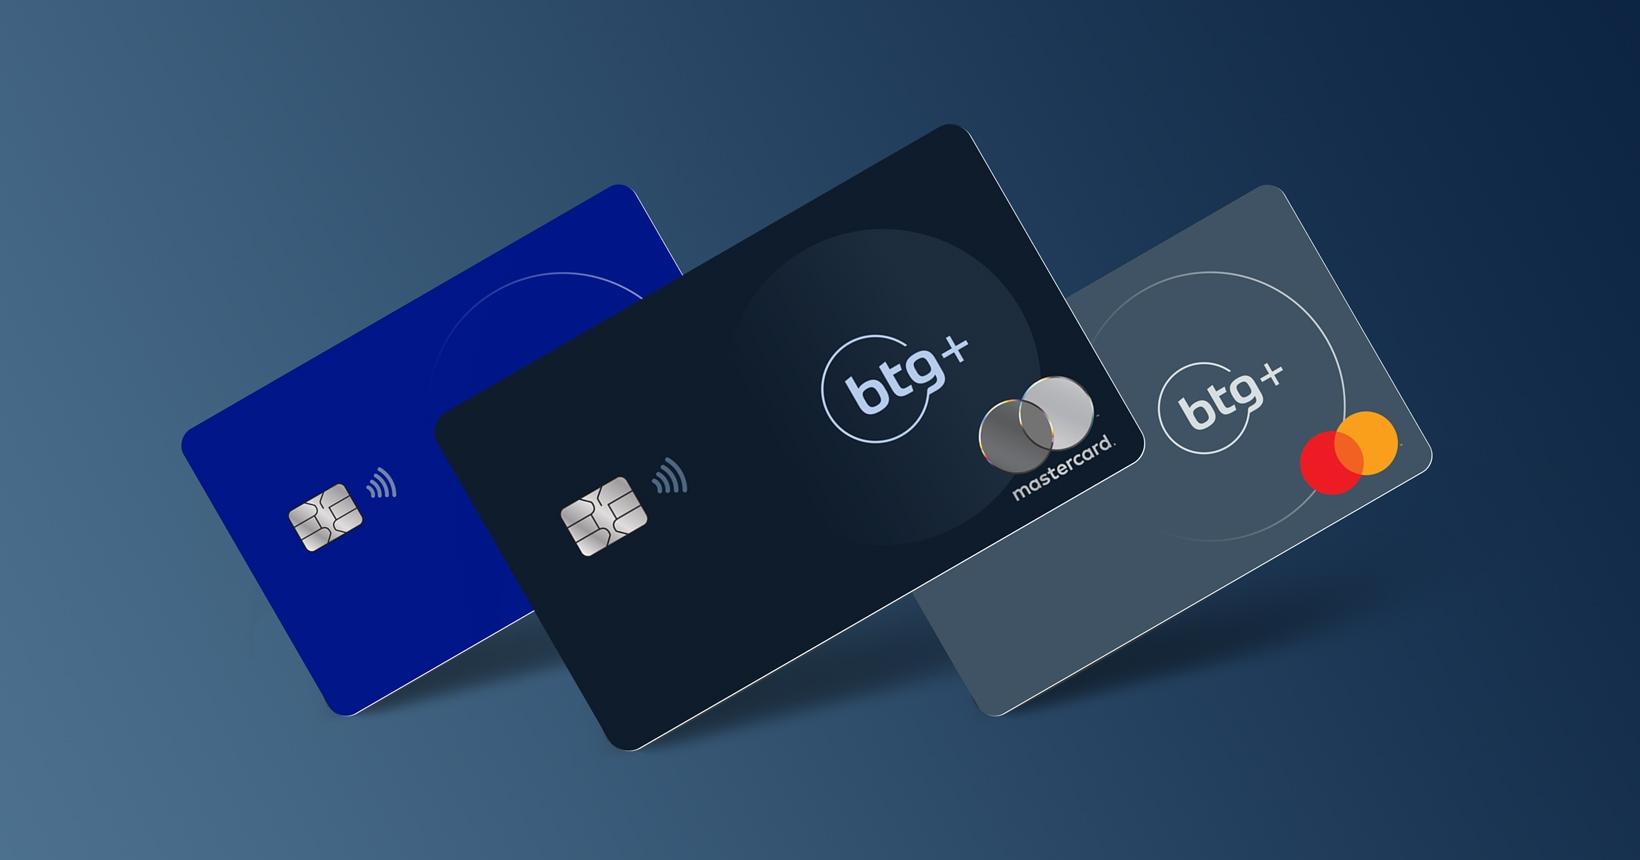 Cartão de crédito BTG+: Descomplicado e ágil, como solicitar online